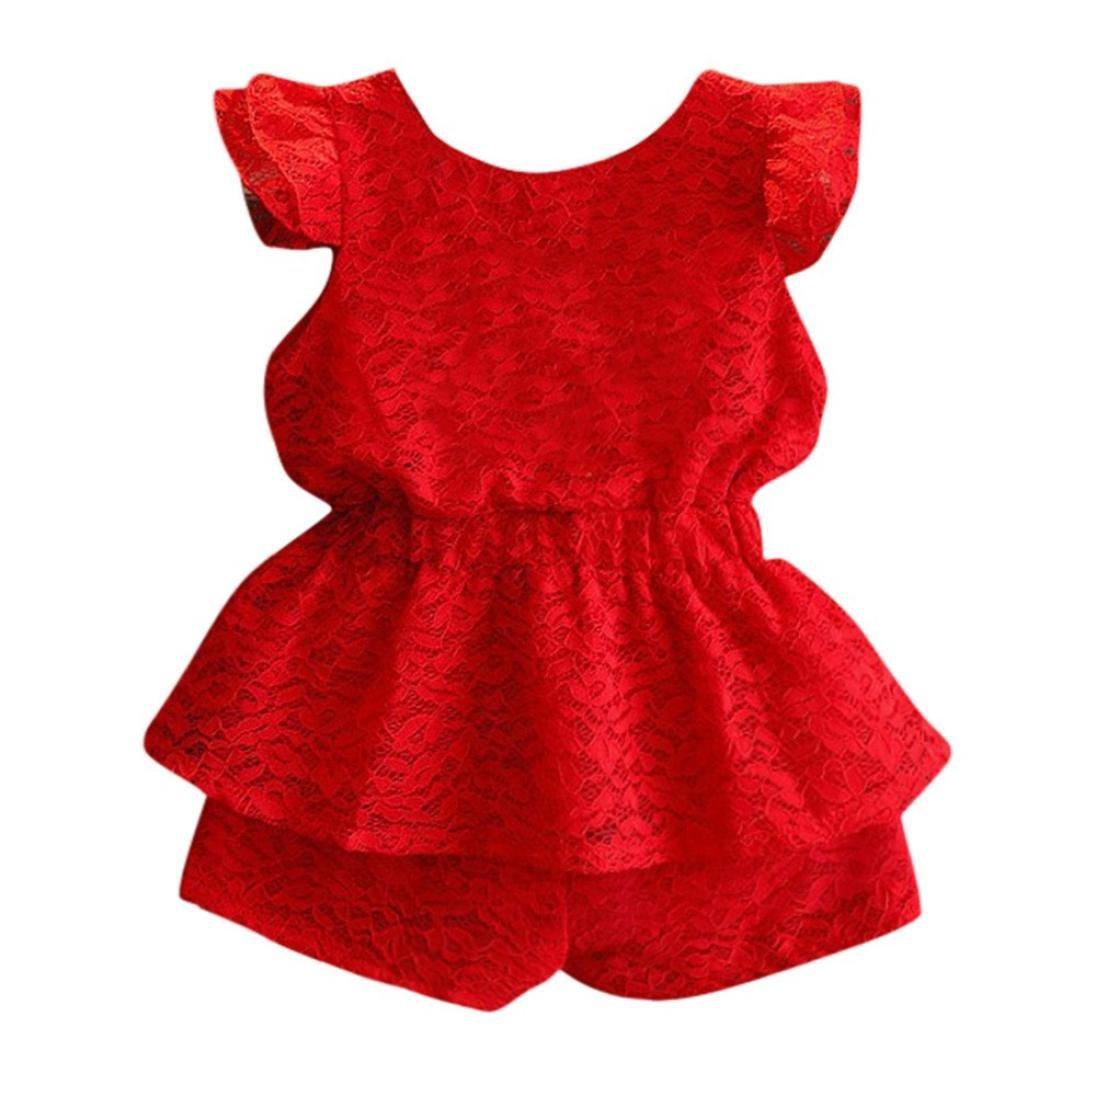 安い購入 Lisin PANTS PANTS ベビーガールズ Size:24Months Size:24Months レッド Lisin B07DNPNJQQ, CLOSPOT:521db6b6 --- a0267596.xsph.ru